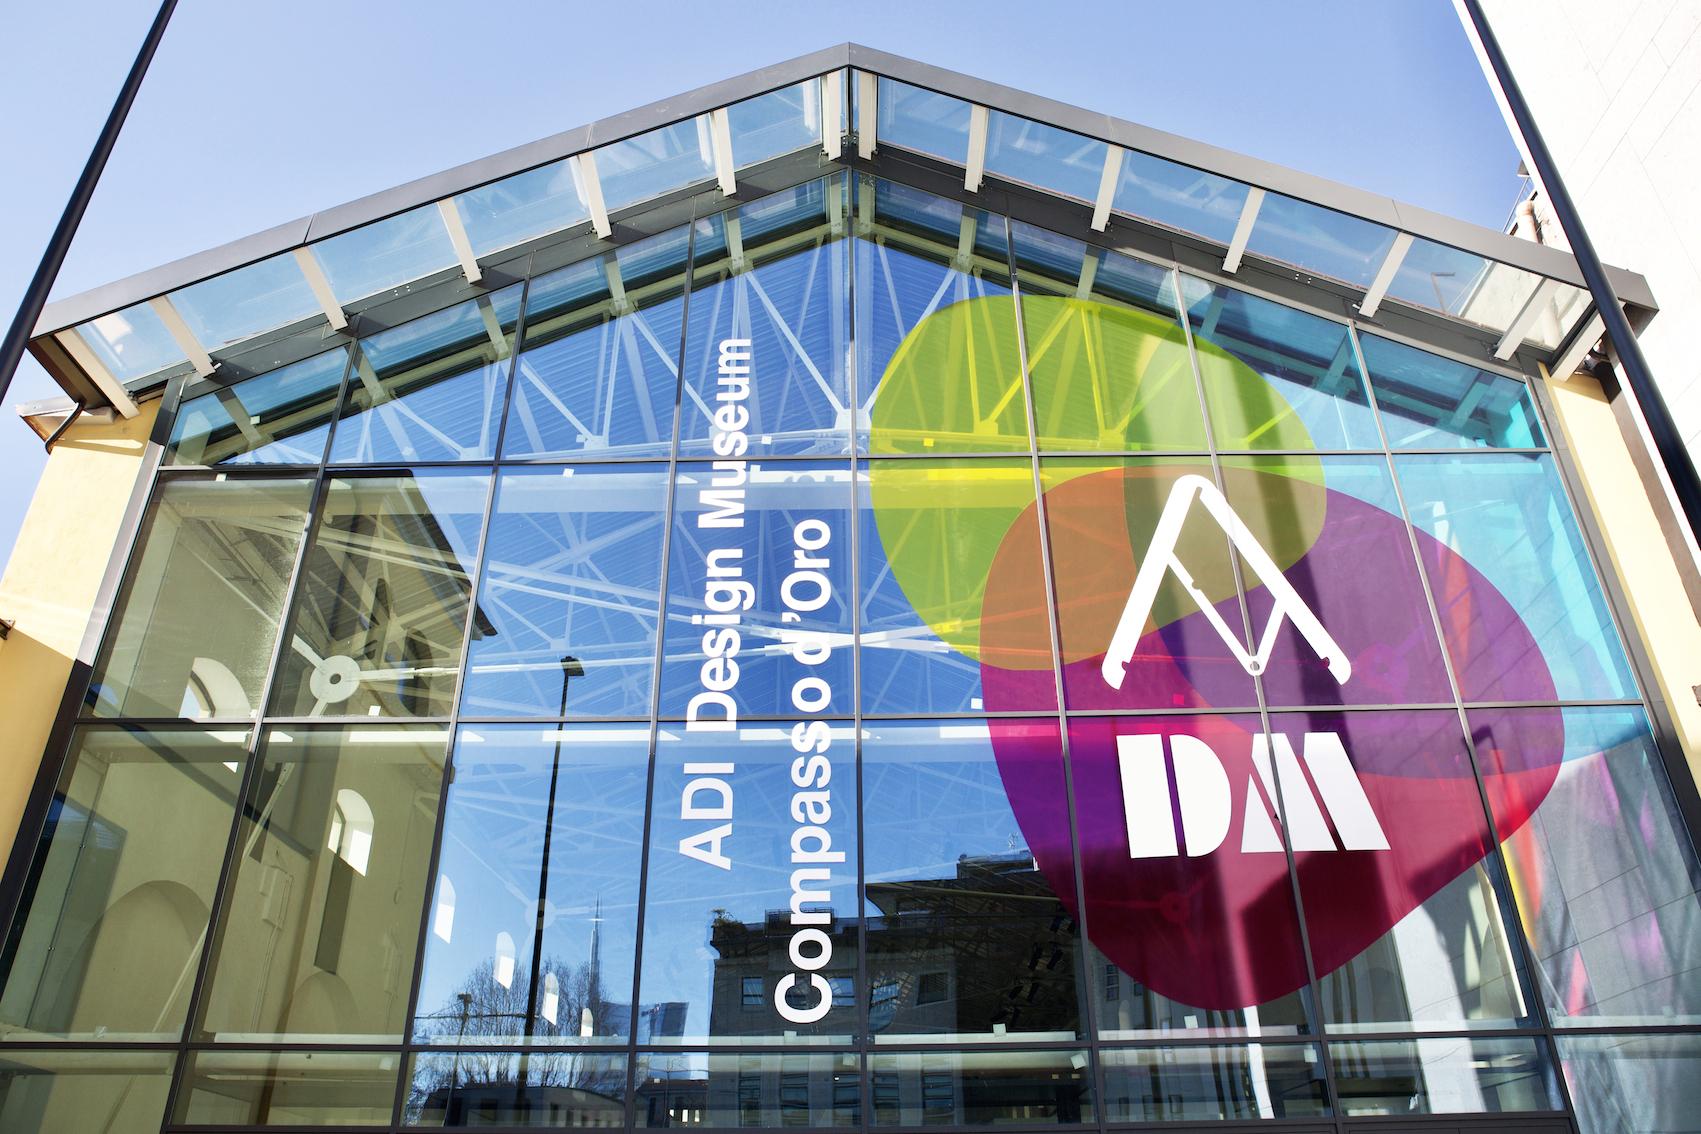 Apre a Milano il nuovo ADI Design Museum. Ecco le prime immagini